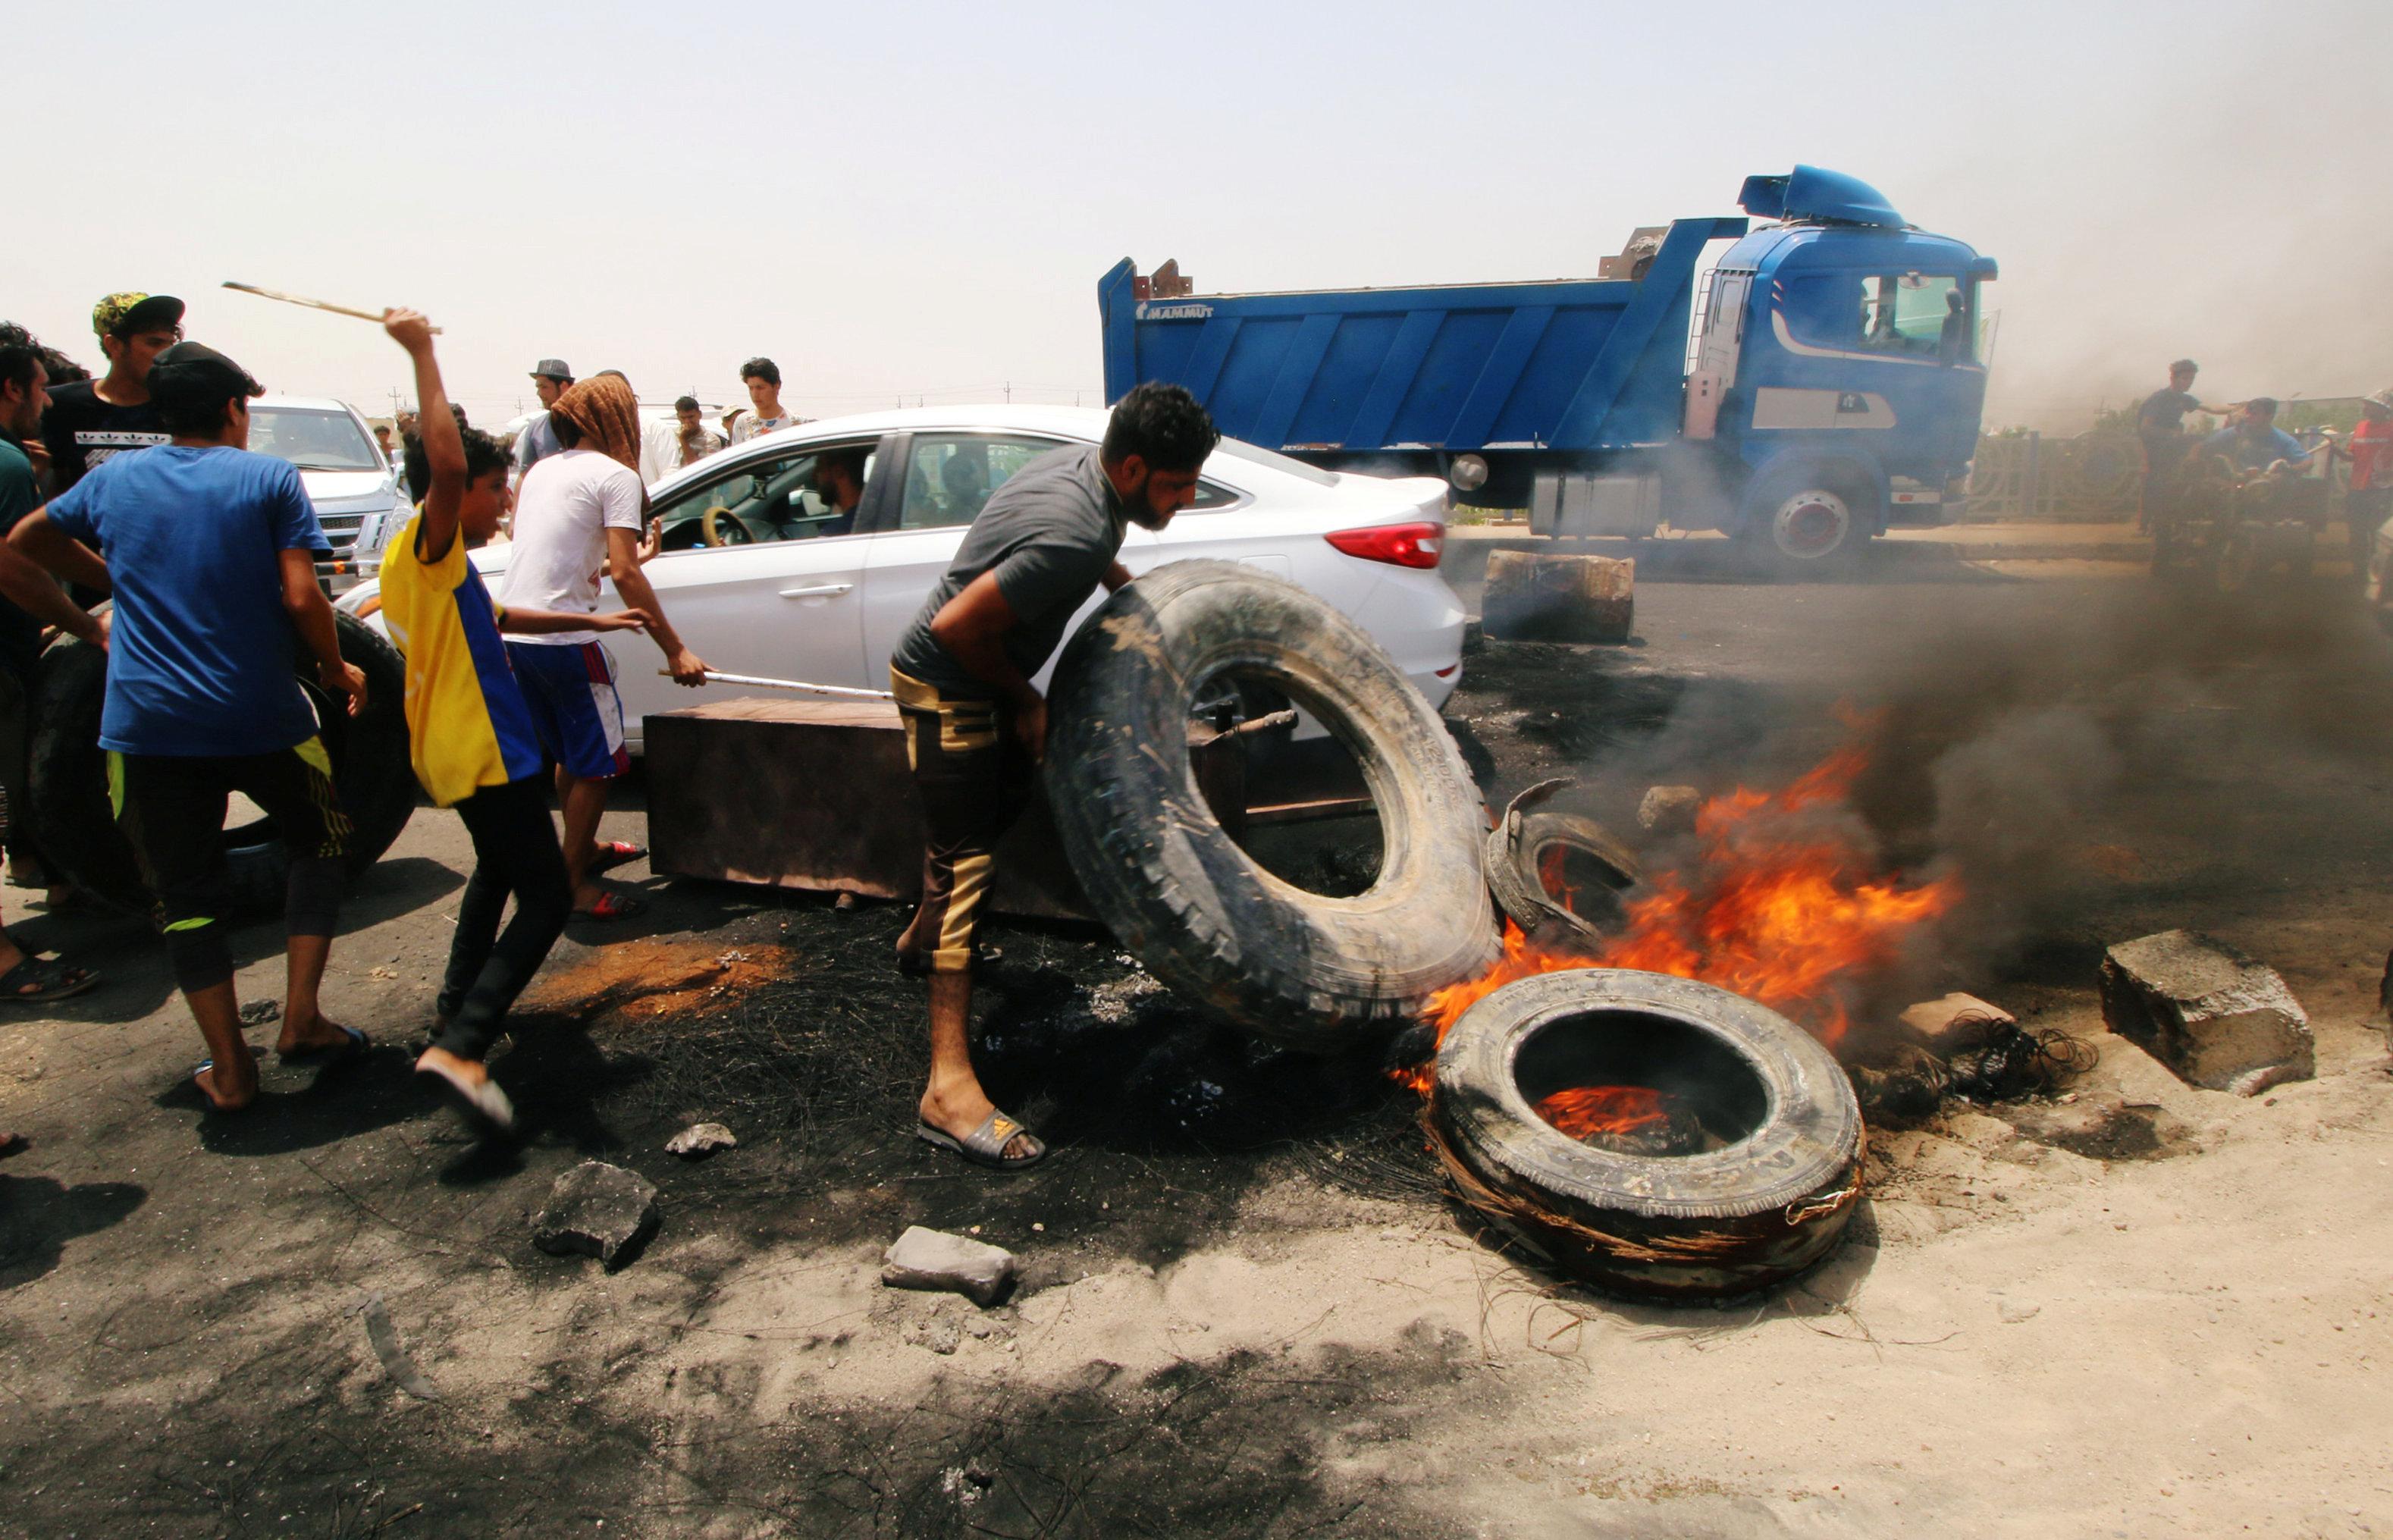 مظاهرات فى العراق للمطالبة بتحسين الخدمات وإيجاد فرص عمل